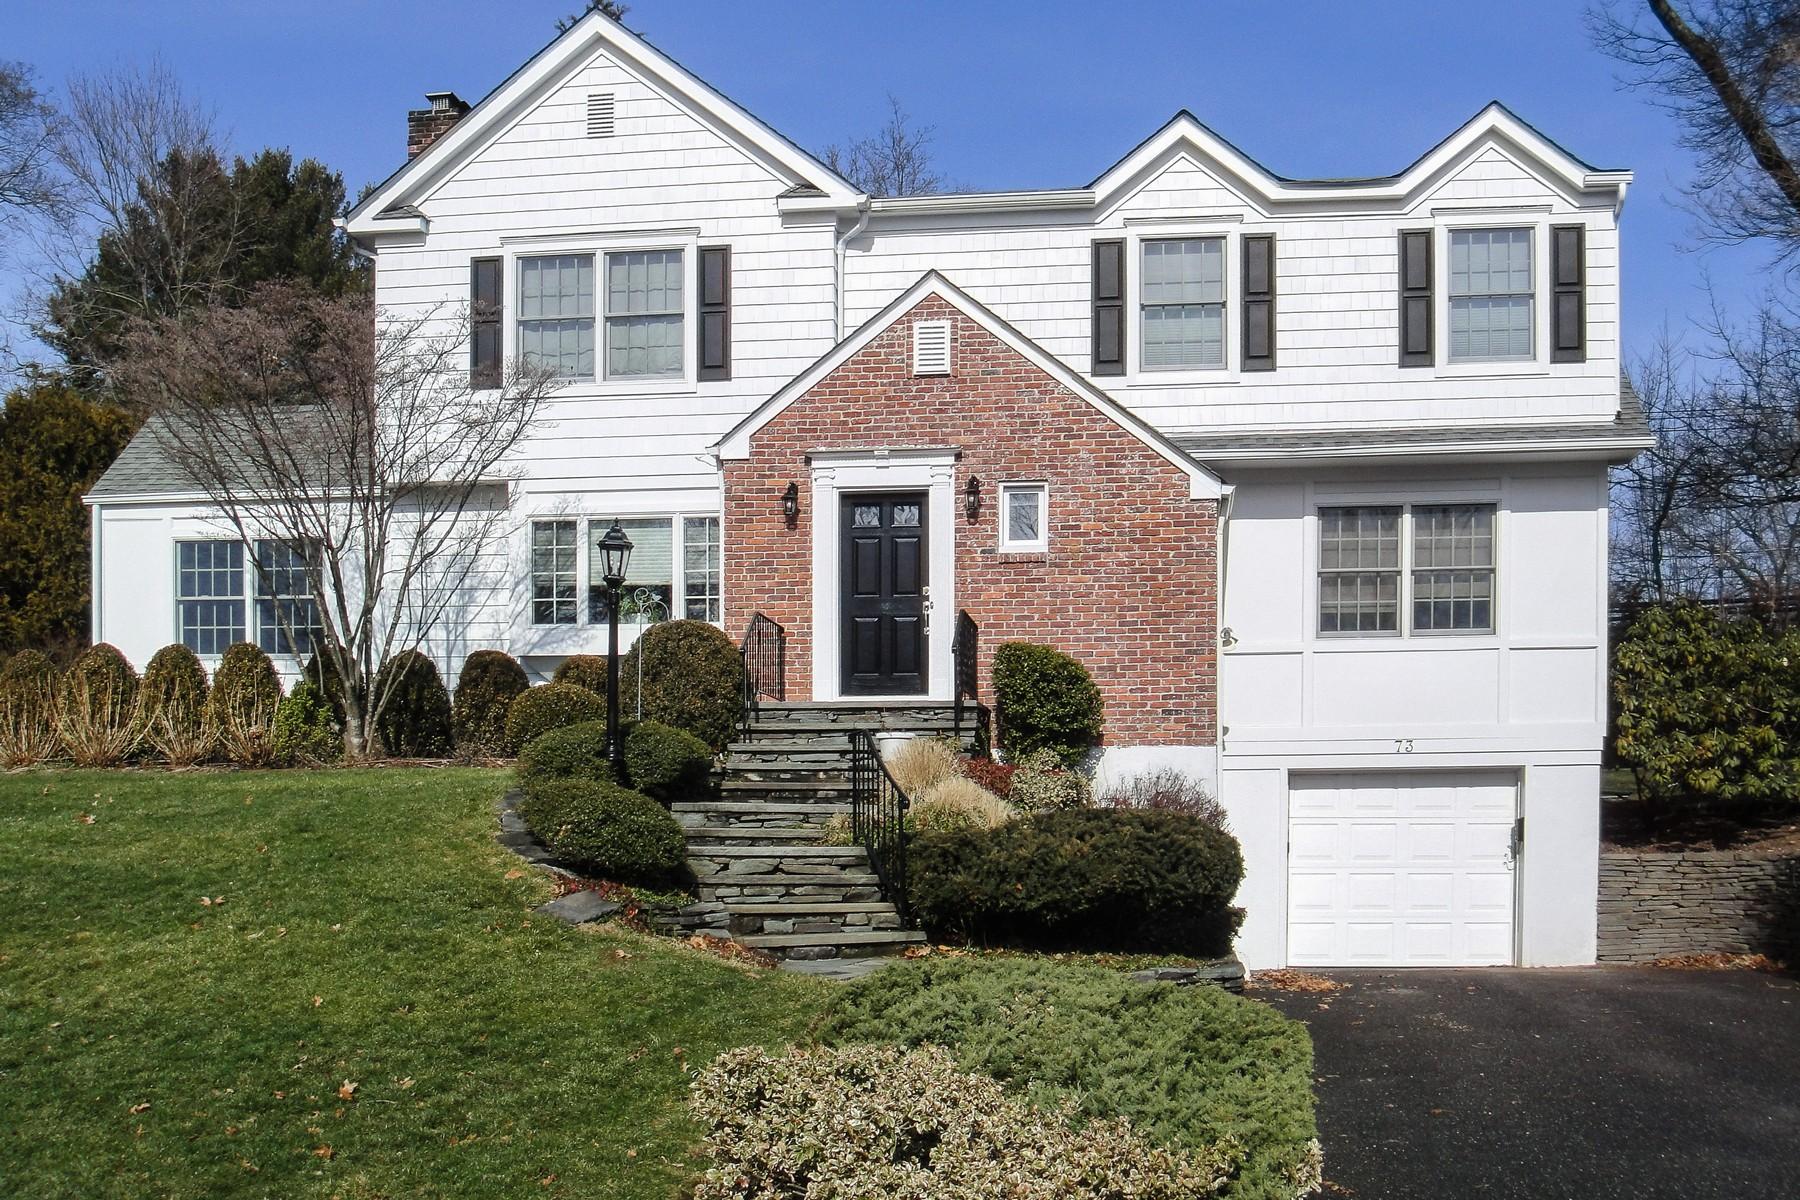 واحد منزل الأسرة للـ Sale في Colonial 73 Revere Rd East Hills, New York, 11577 United States